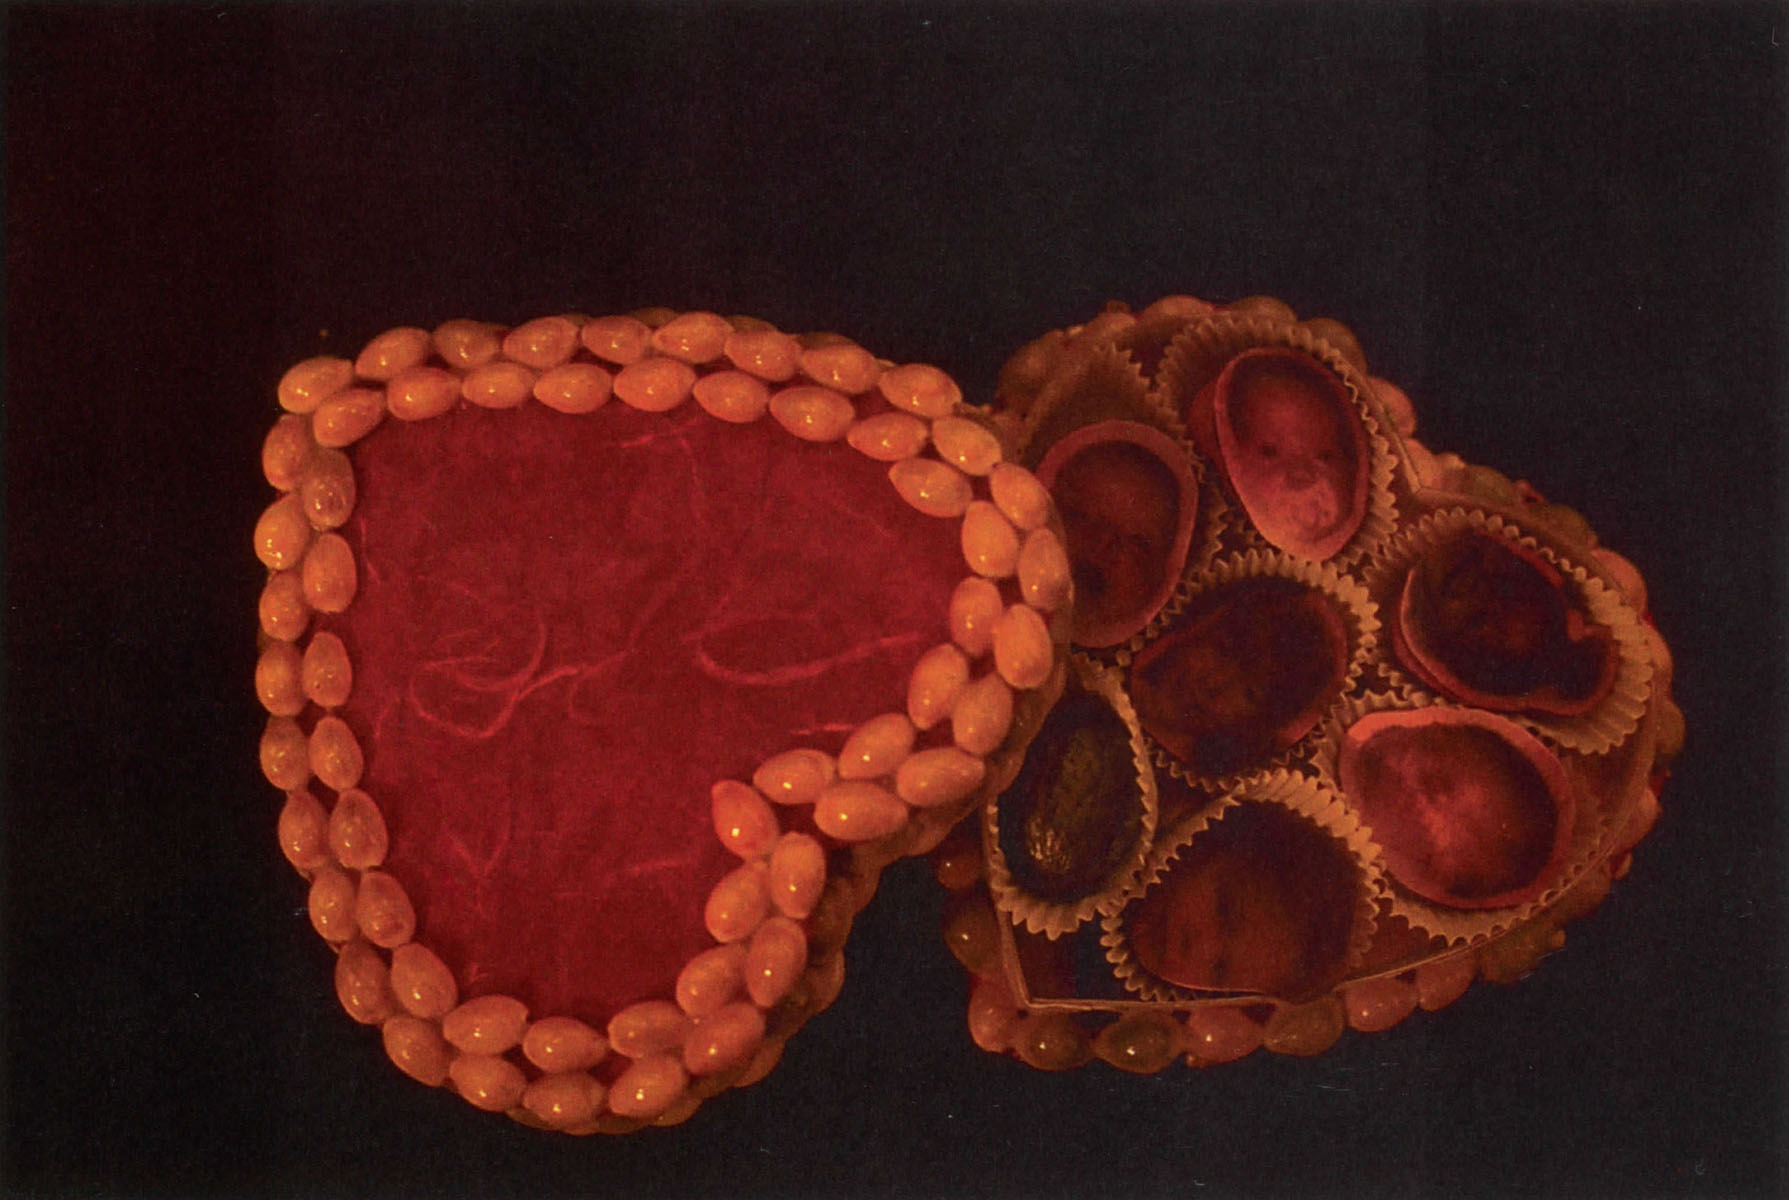 ©1995, Niki Nolin, Candy Box - In Progress